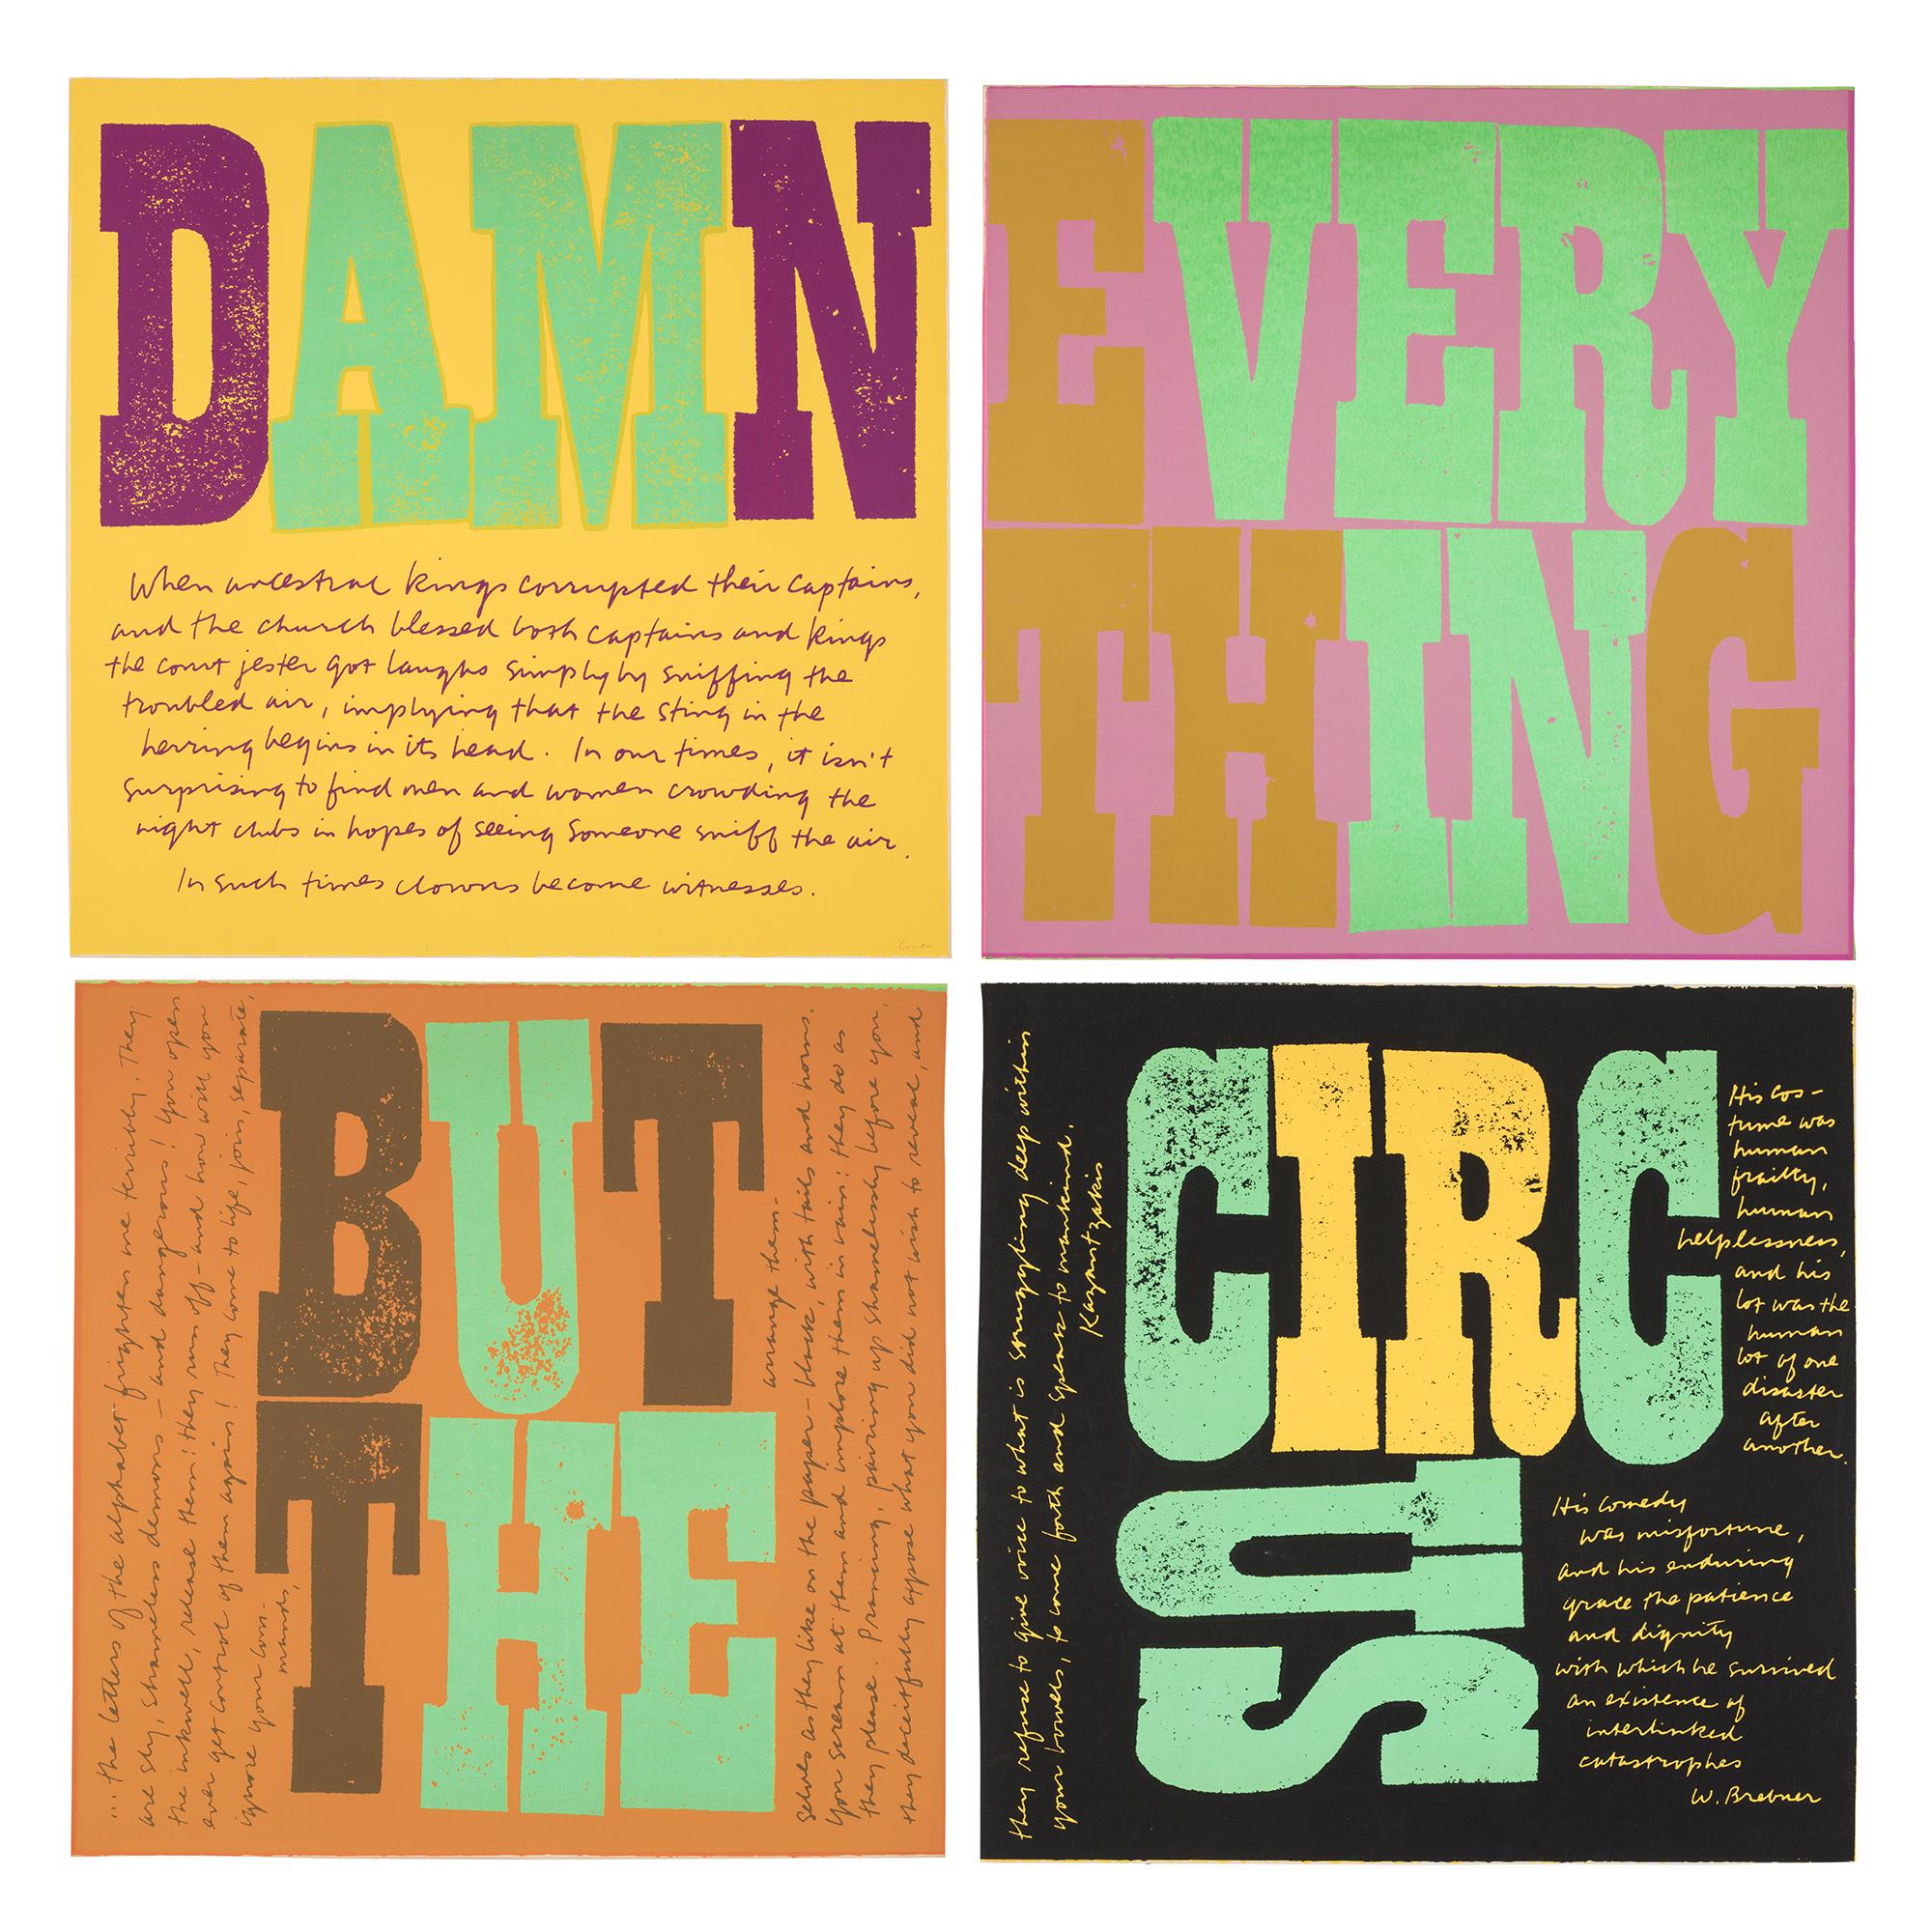 damn everything but the circus - corita kent.jpg